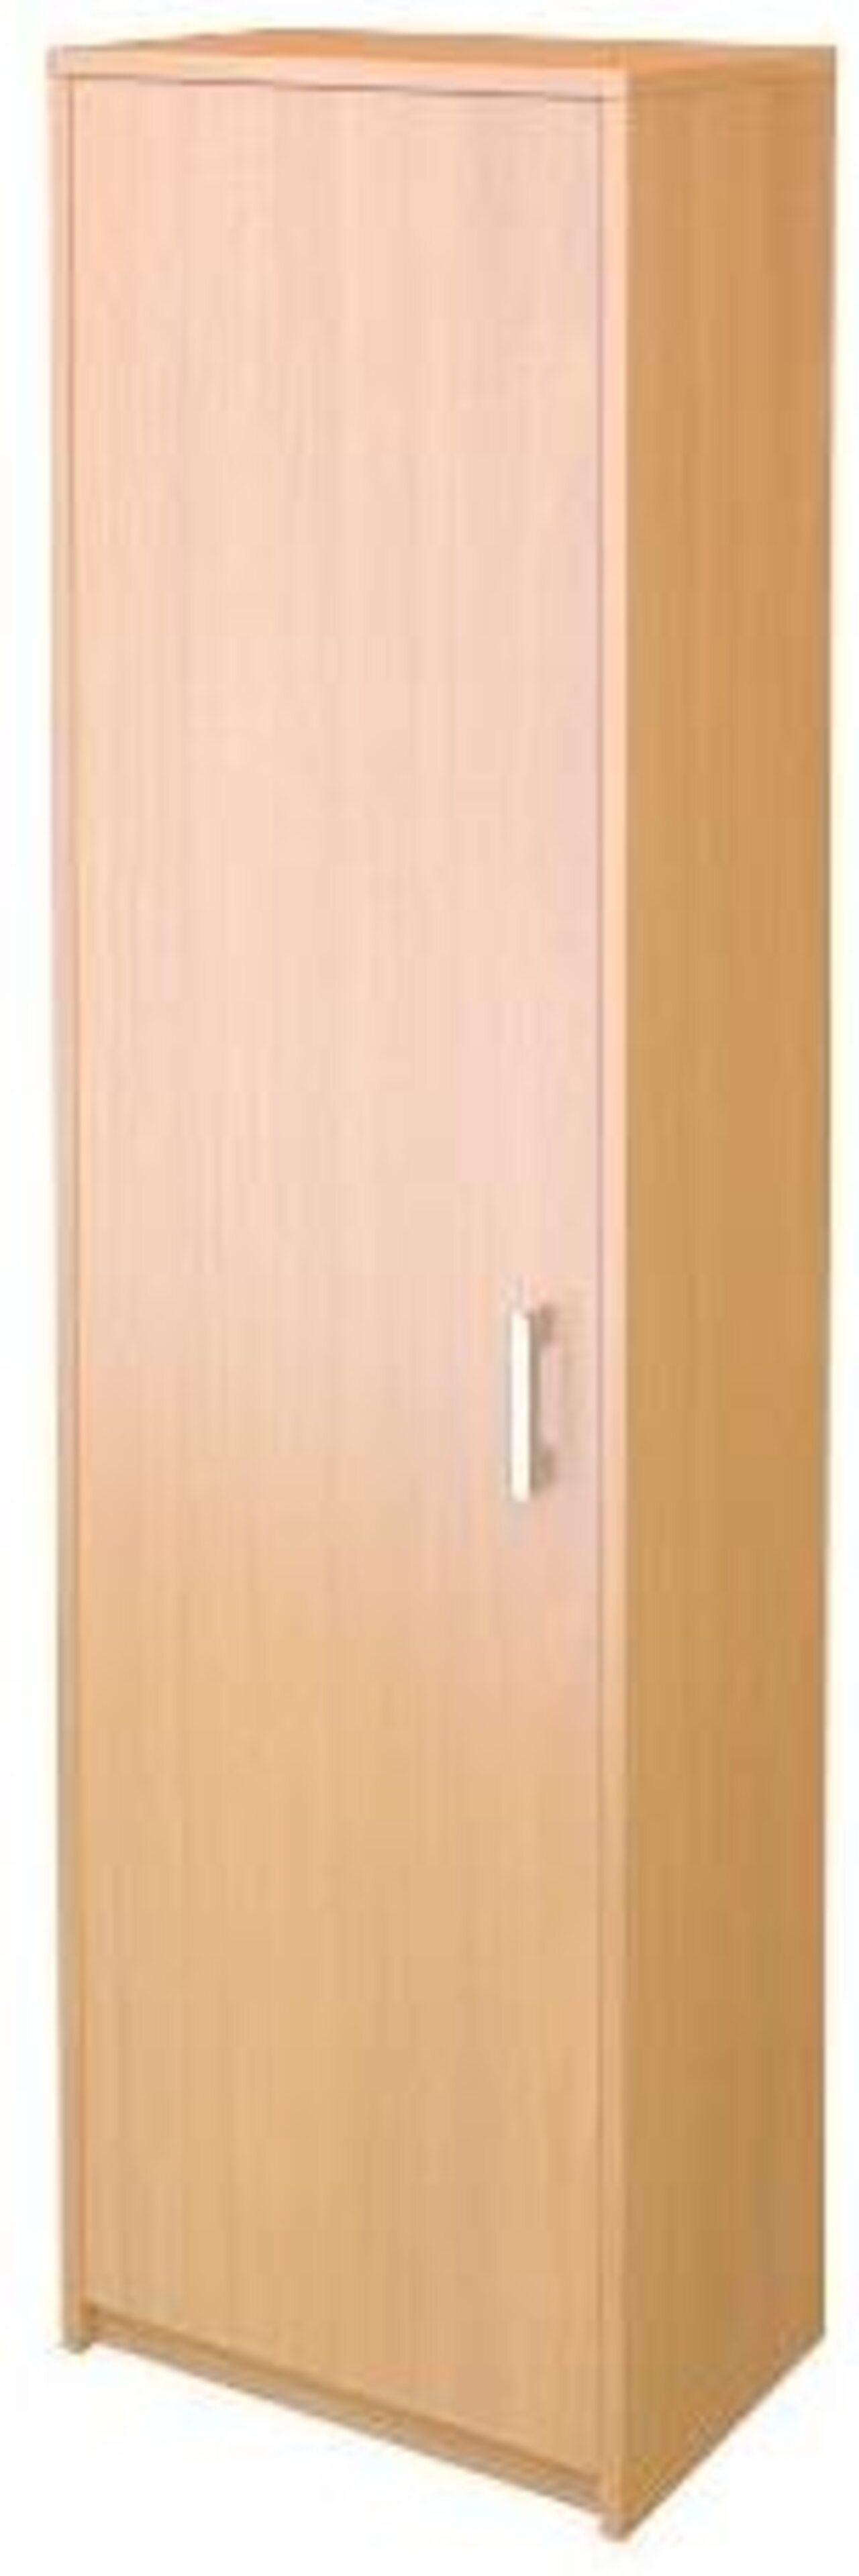 Шкаф для одежды  Арго 56x37x200 - фото 2